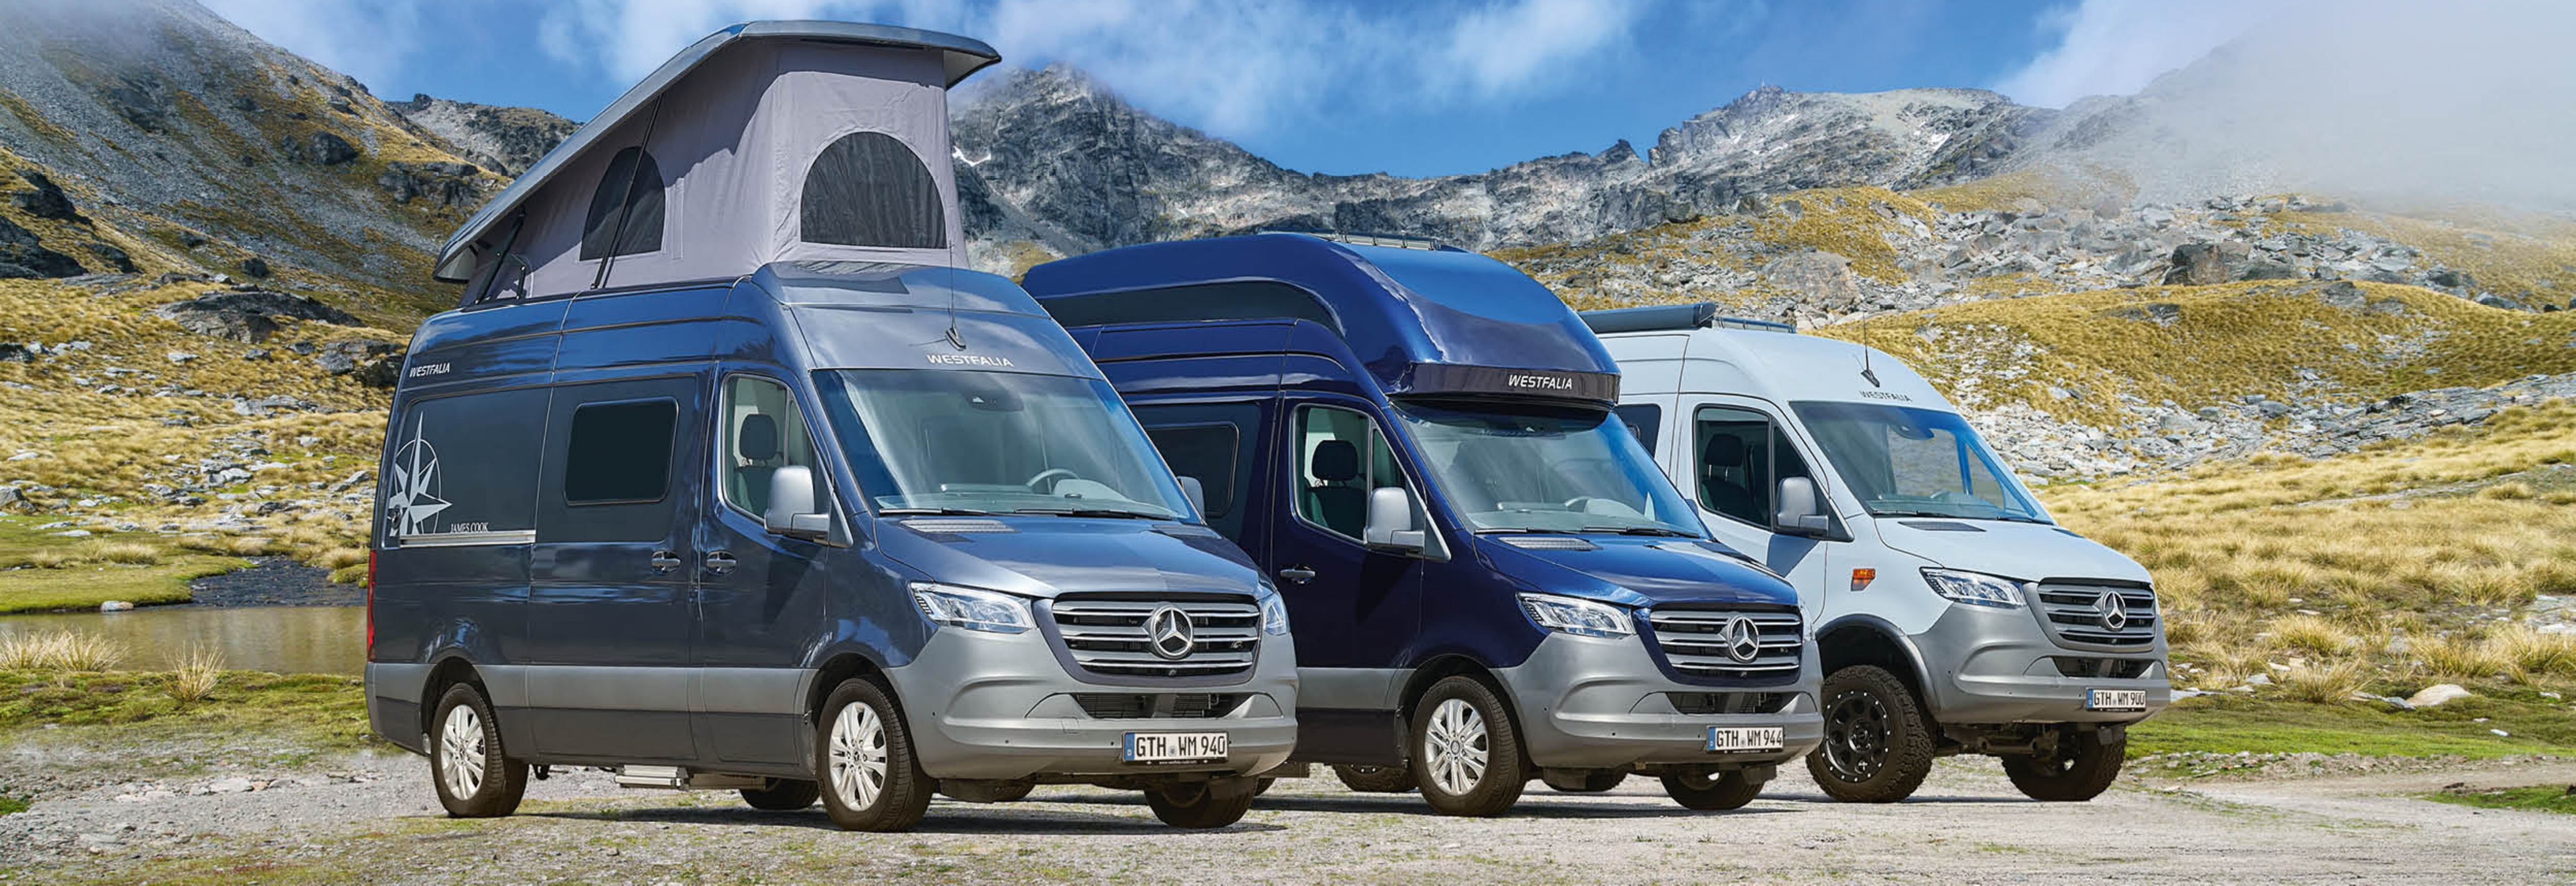 East Yorkshire & Lincolnshire Caravans, Motorhomes and Campervans. - Block Image